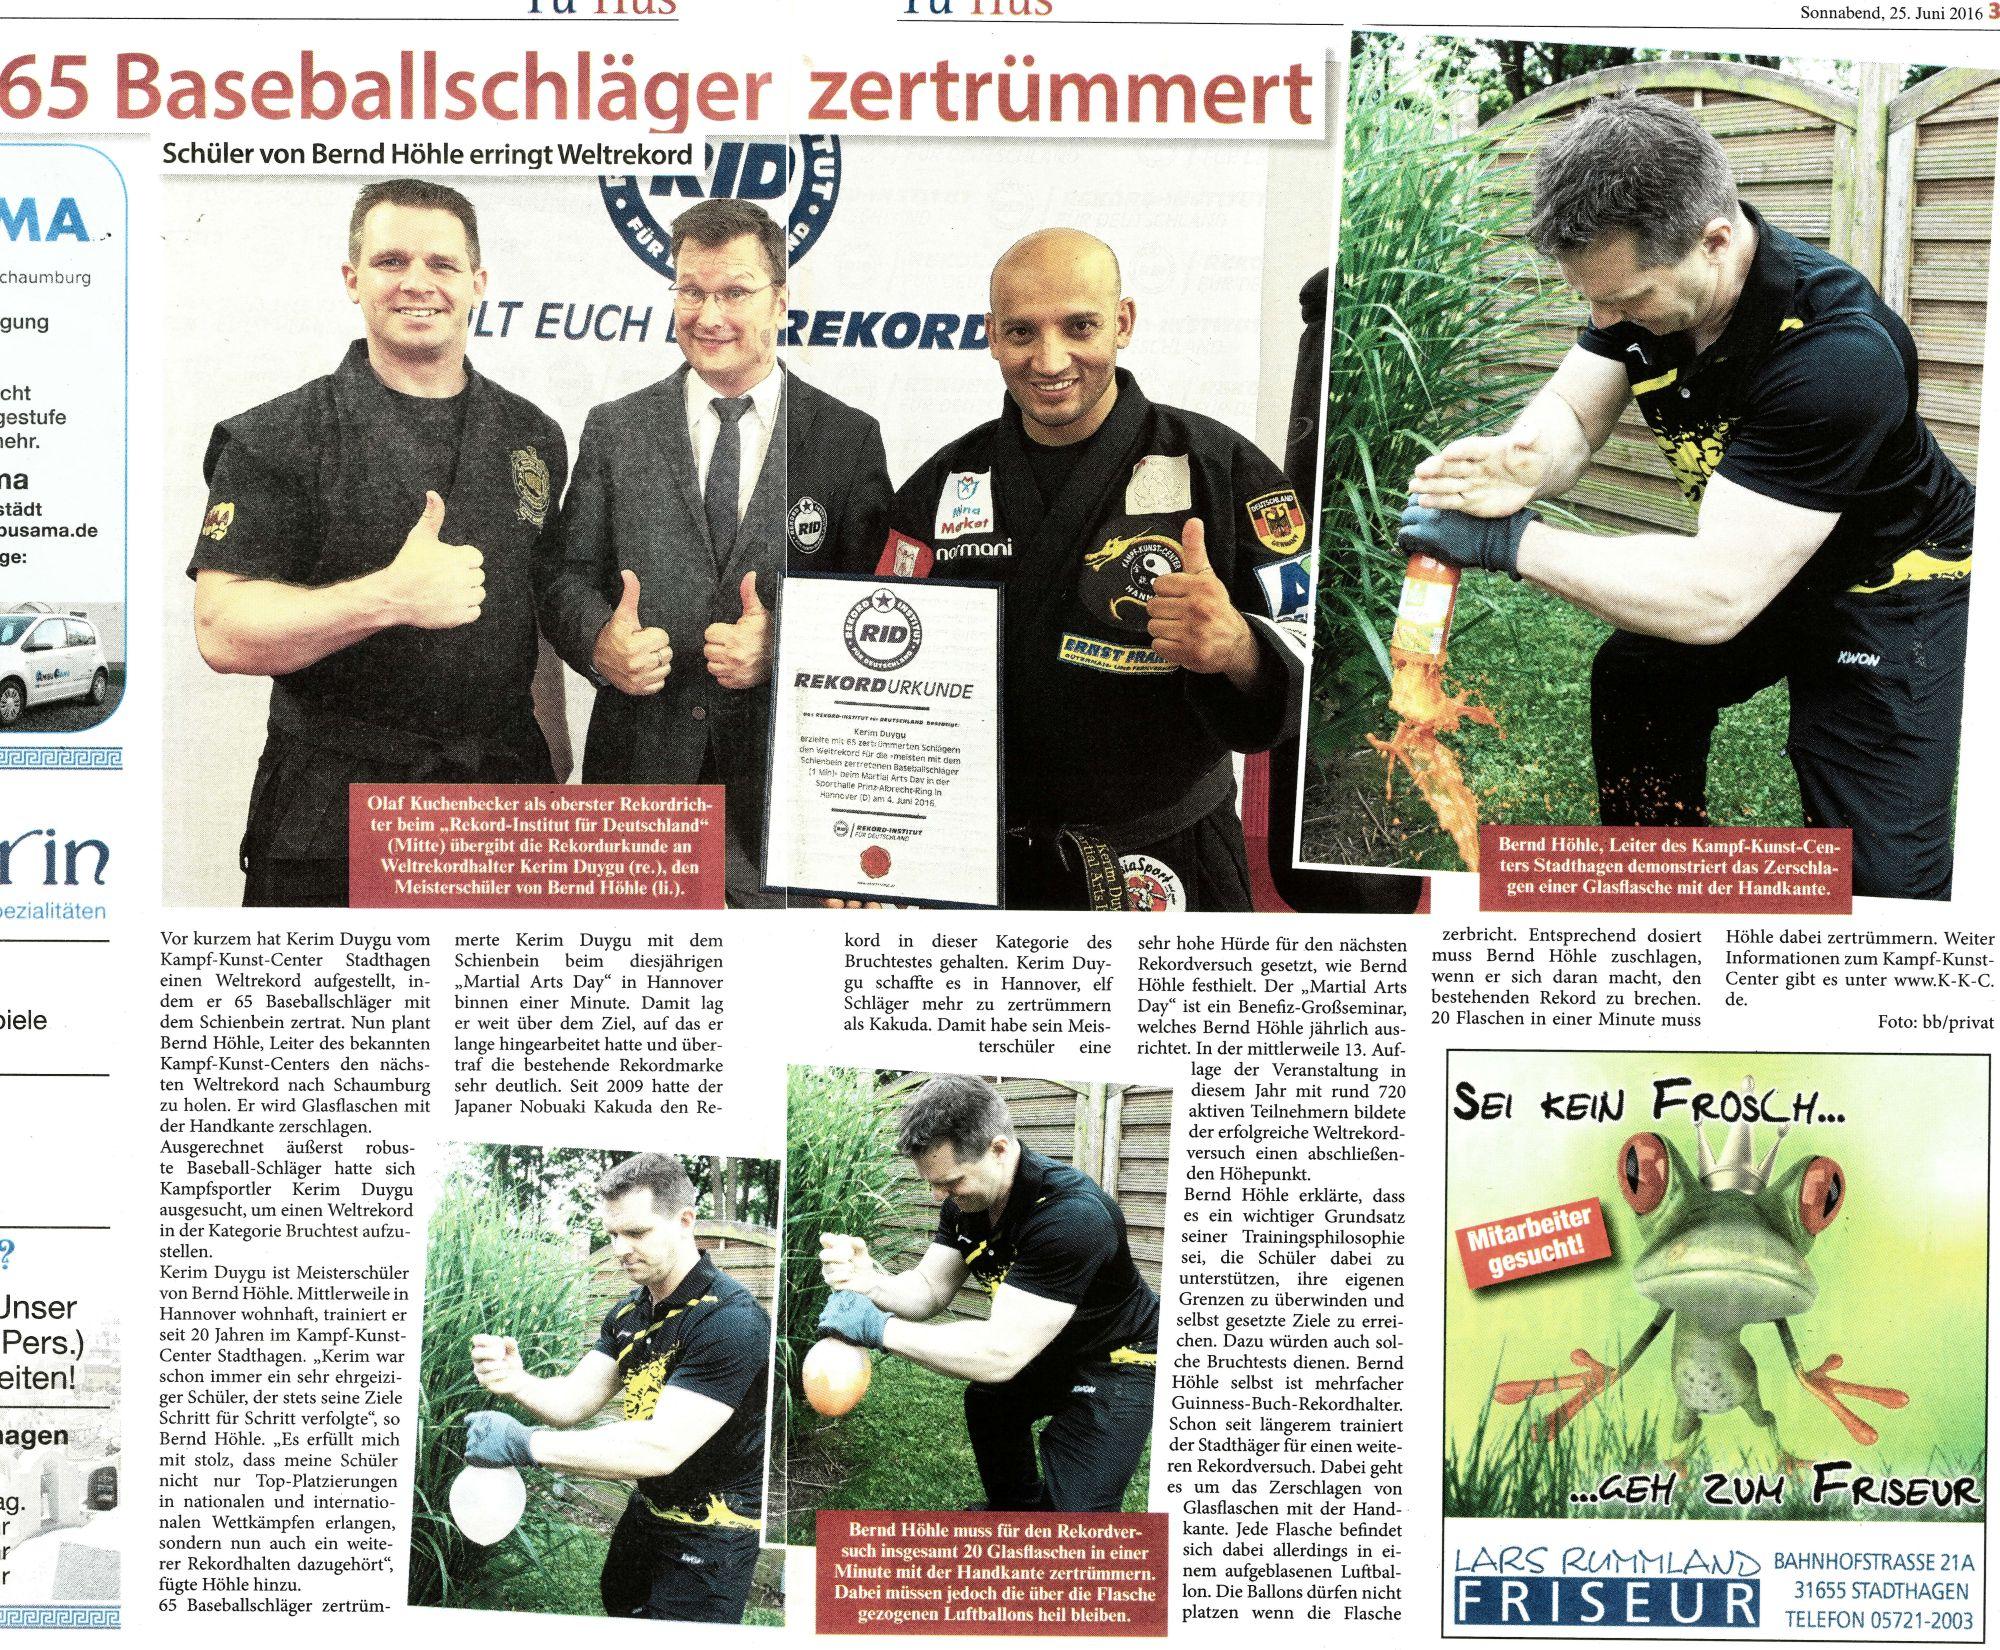 160627_Artikel_Tu_Hus_Bernd_Hoehle-min